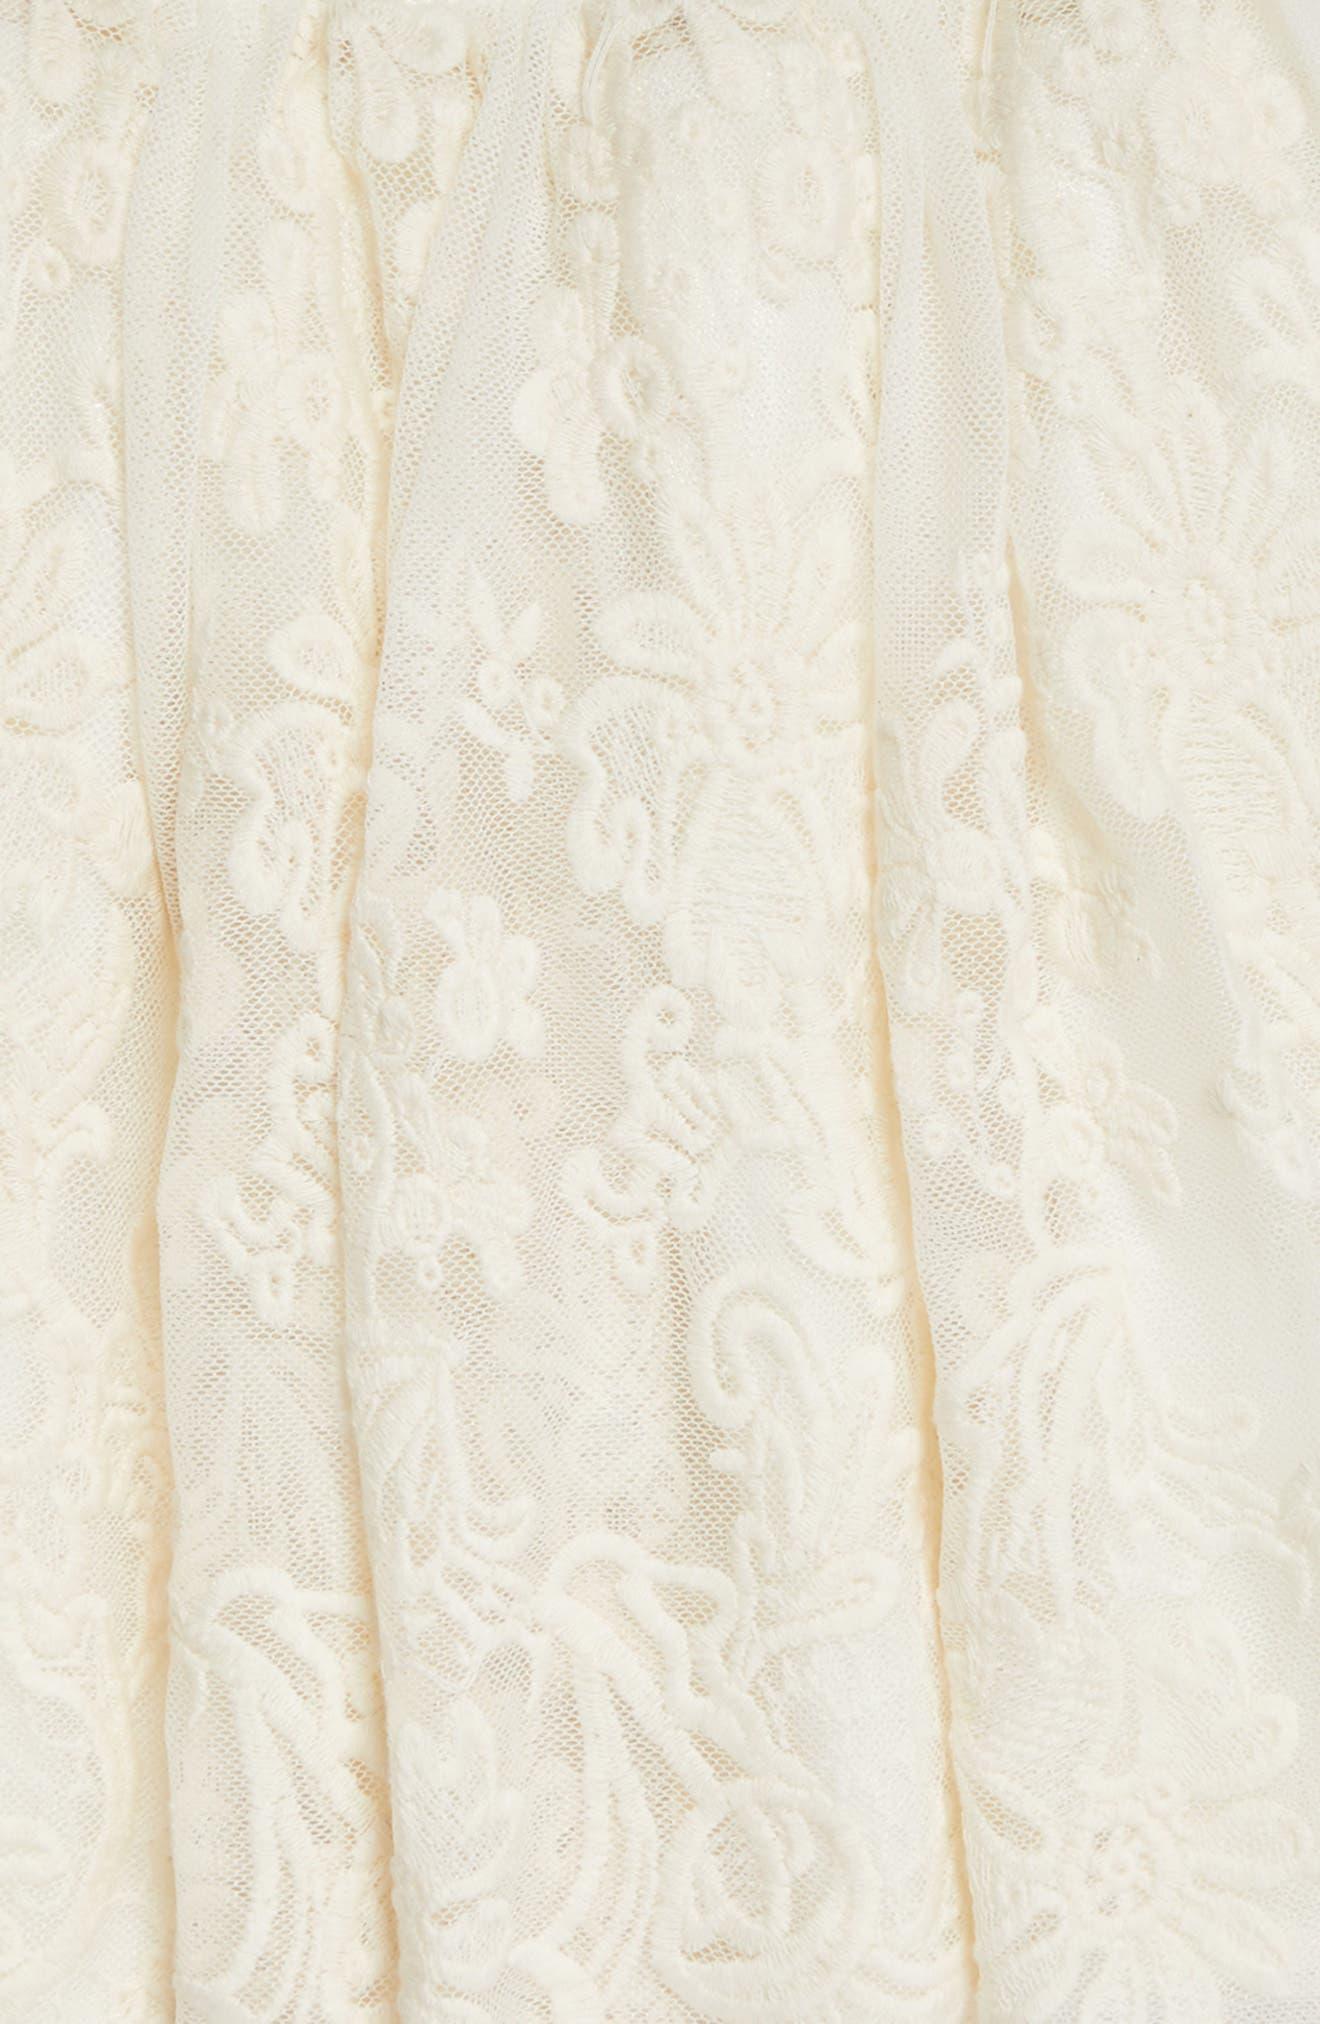 POPATU, Lace Tutu Skirt, Alternate thumbnail 2, color, IVORY